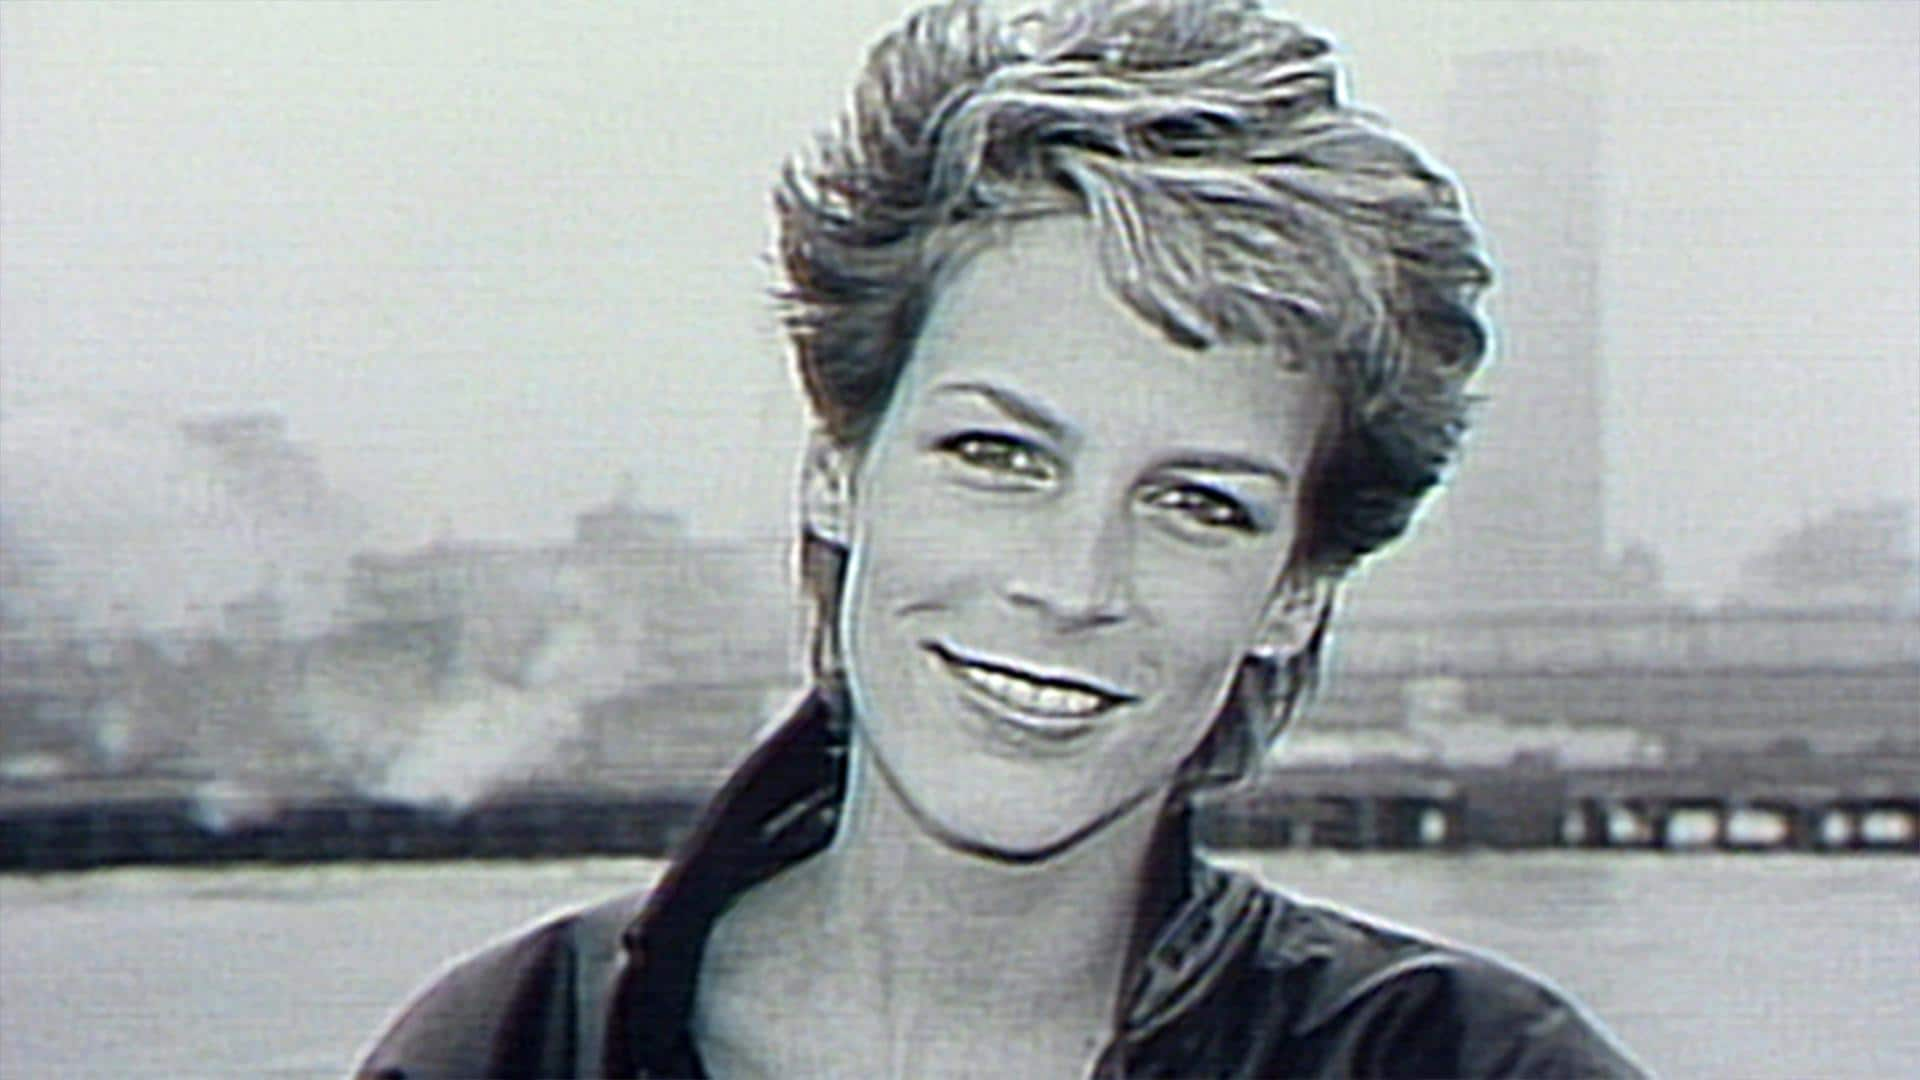 Jamie Lee Curtis: February 18, 1984